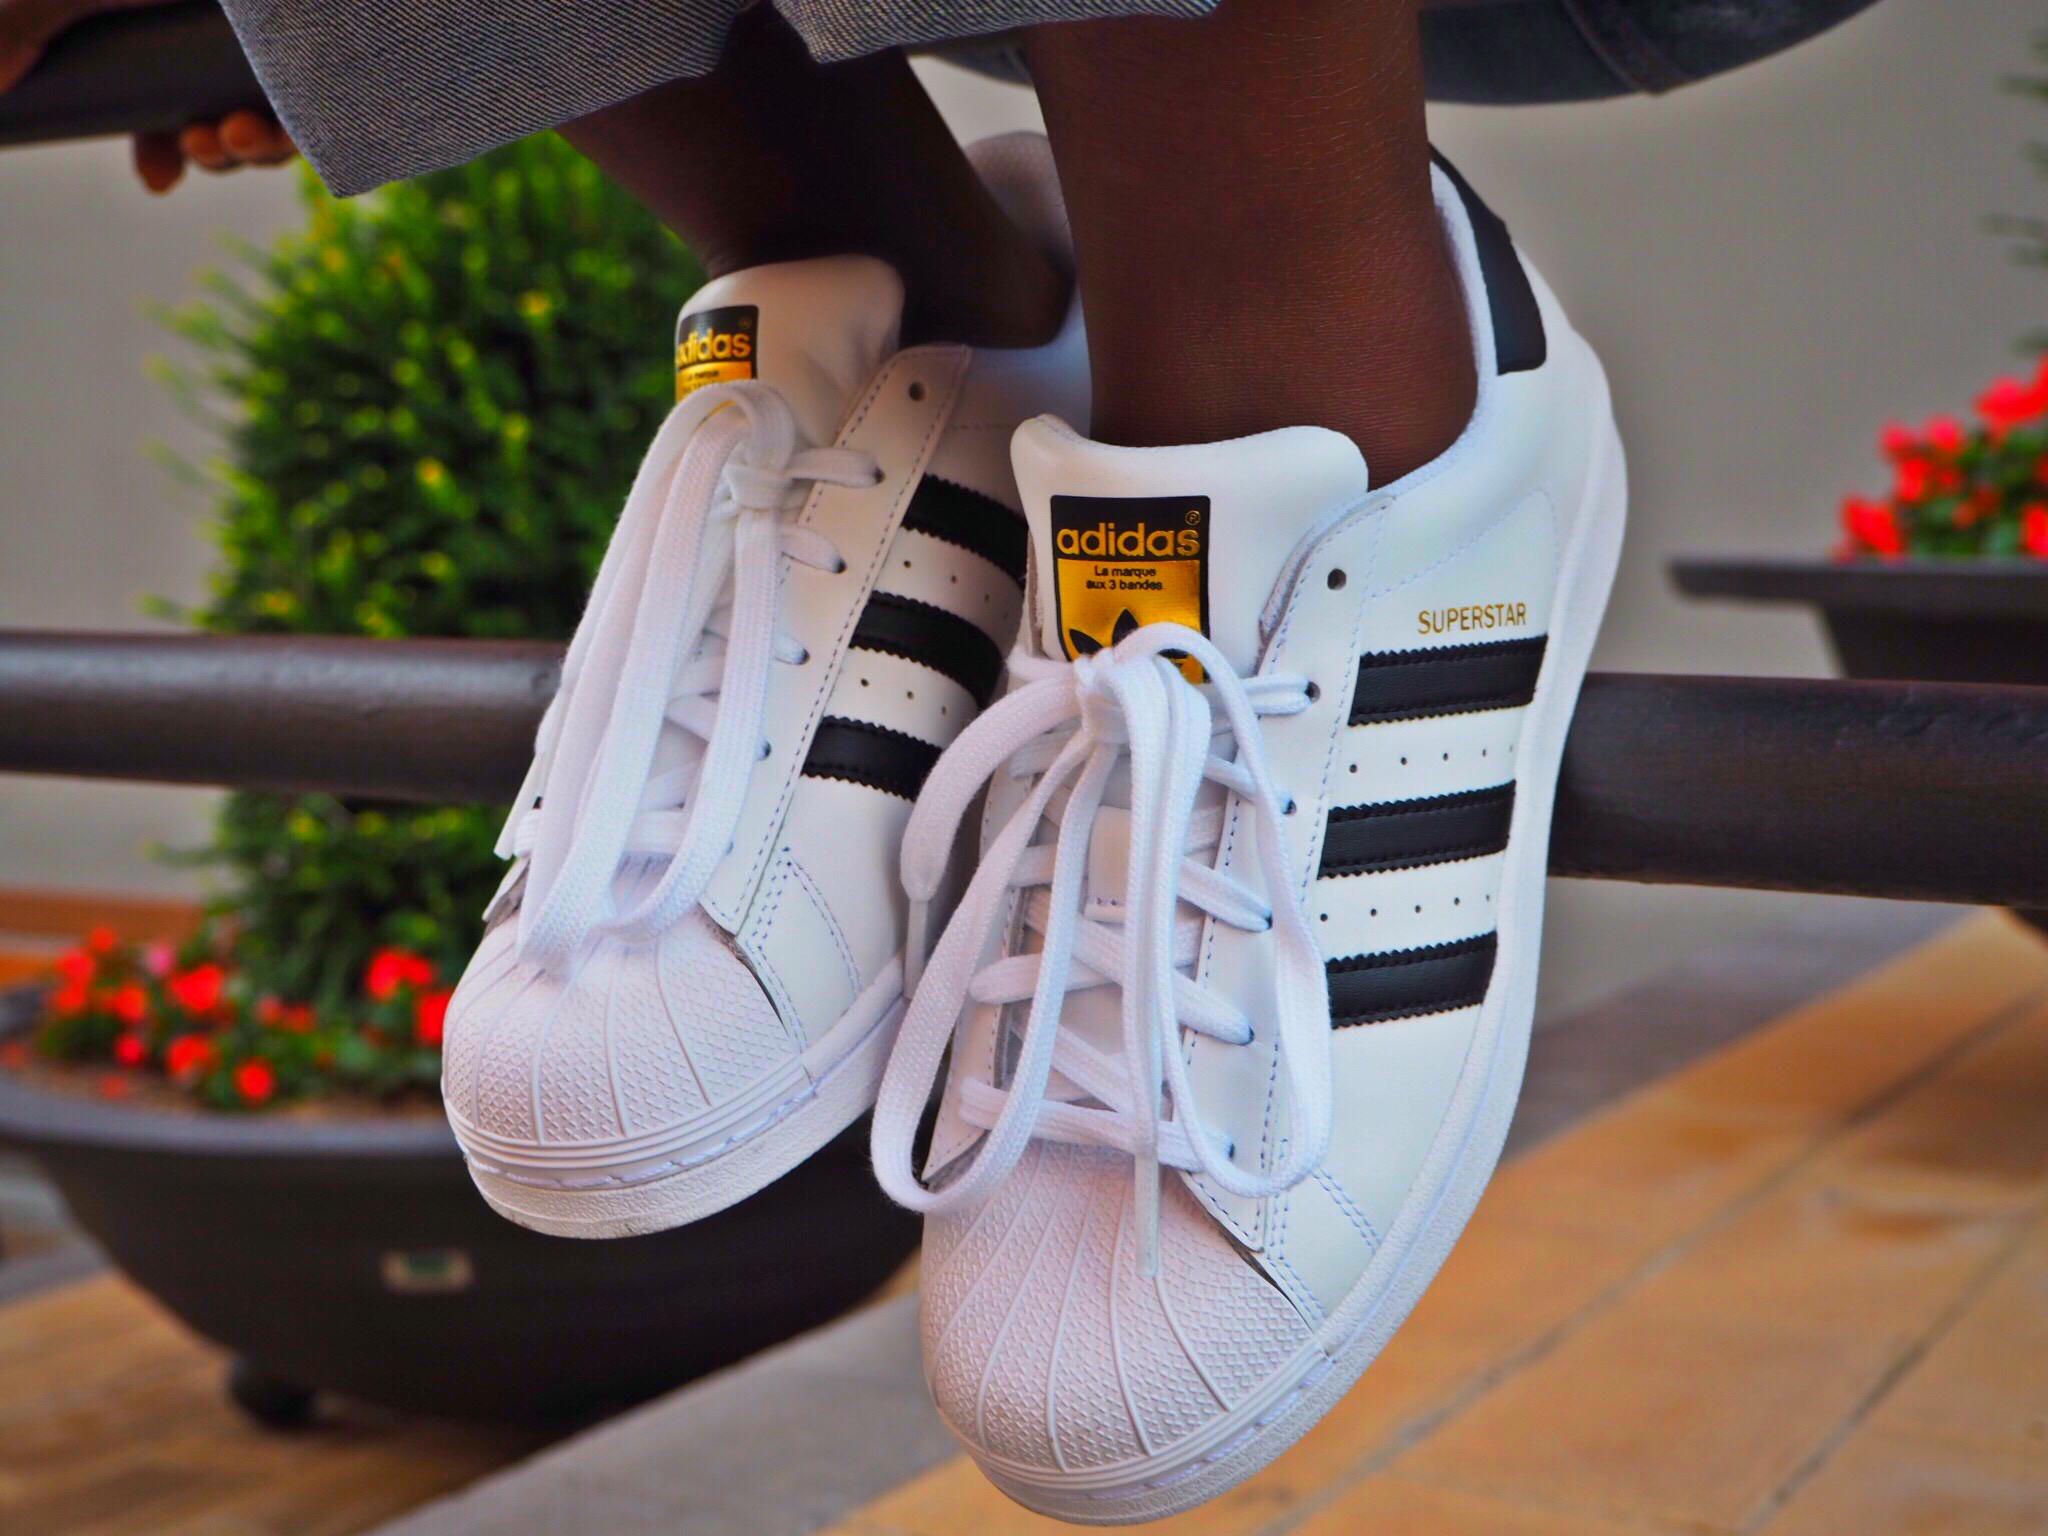 Adidas Superstar II turquesa